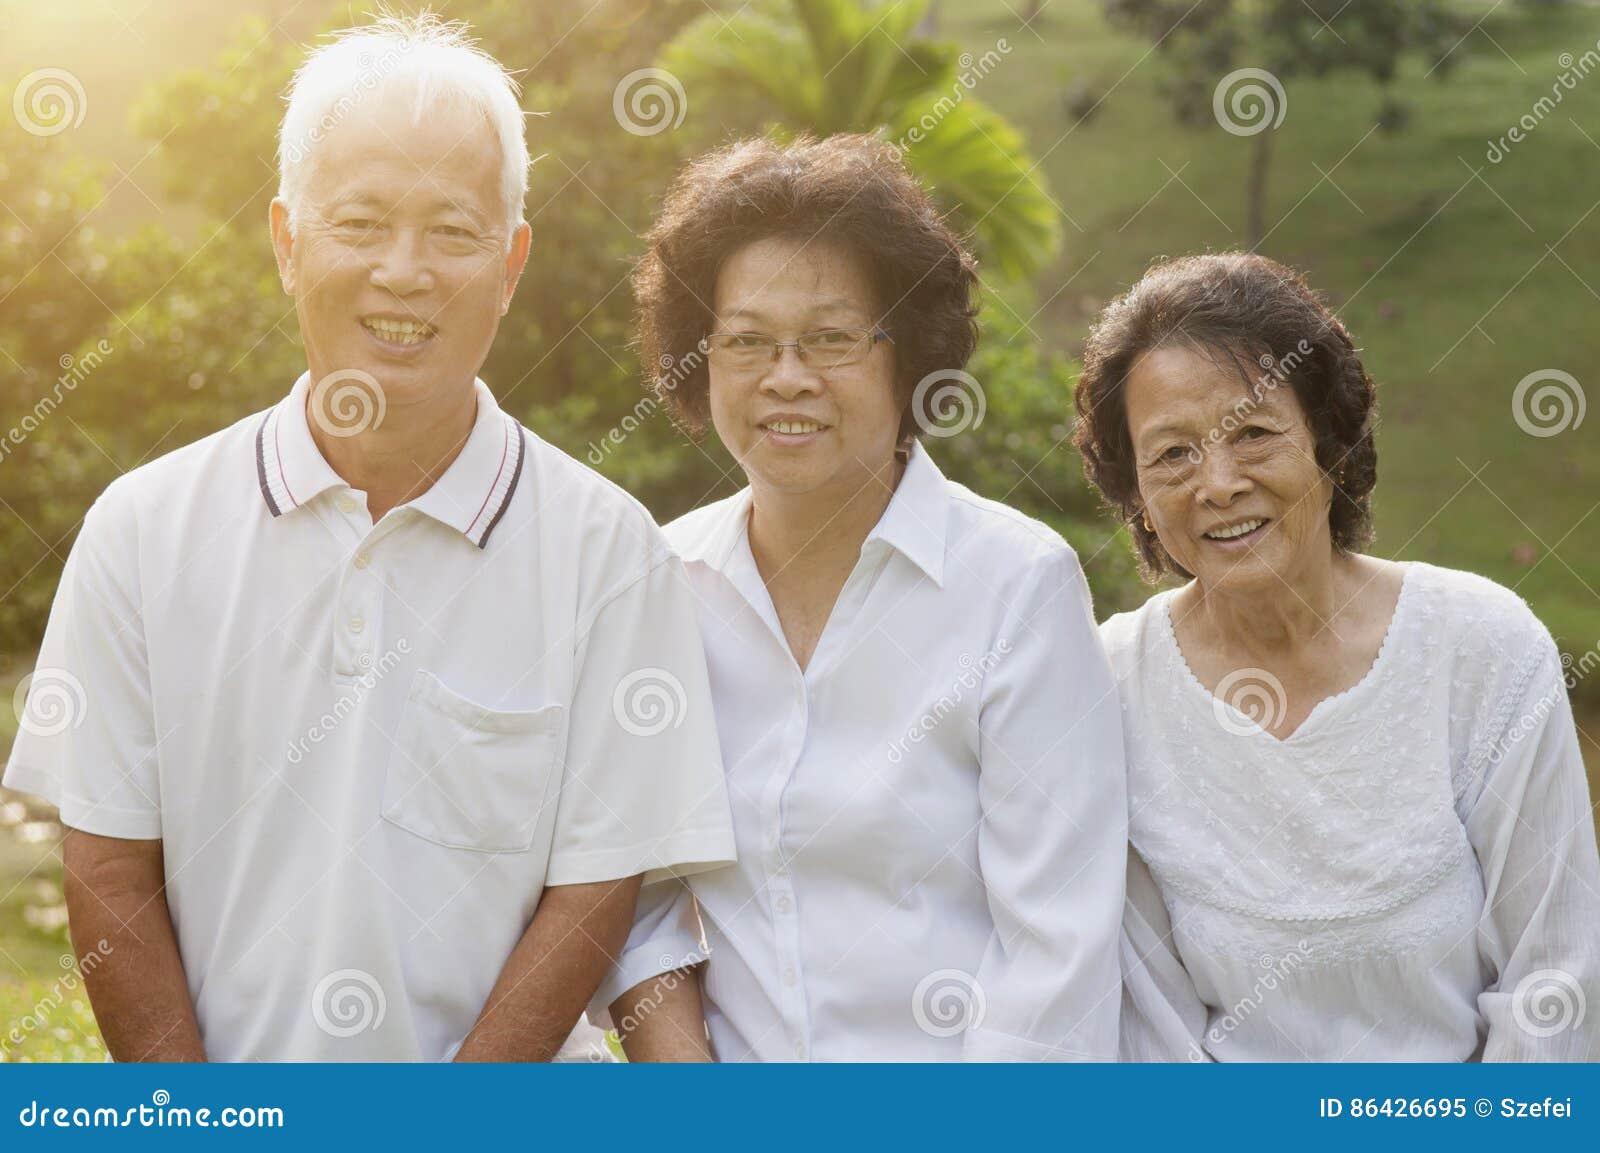 Asian seniors group portrait